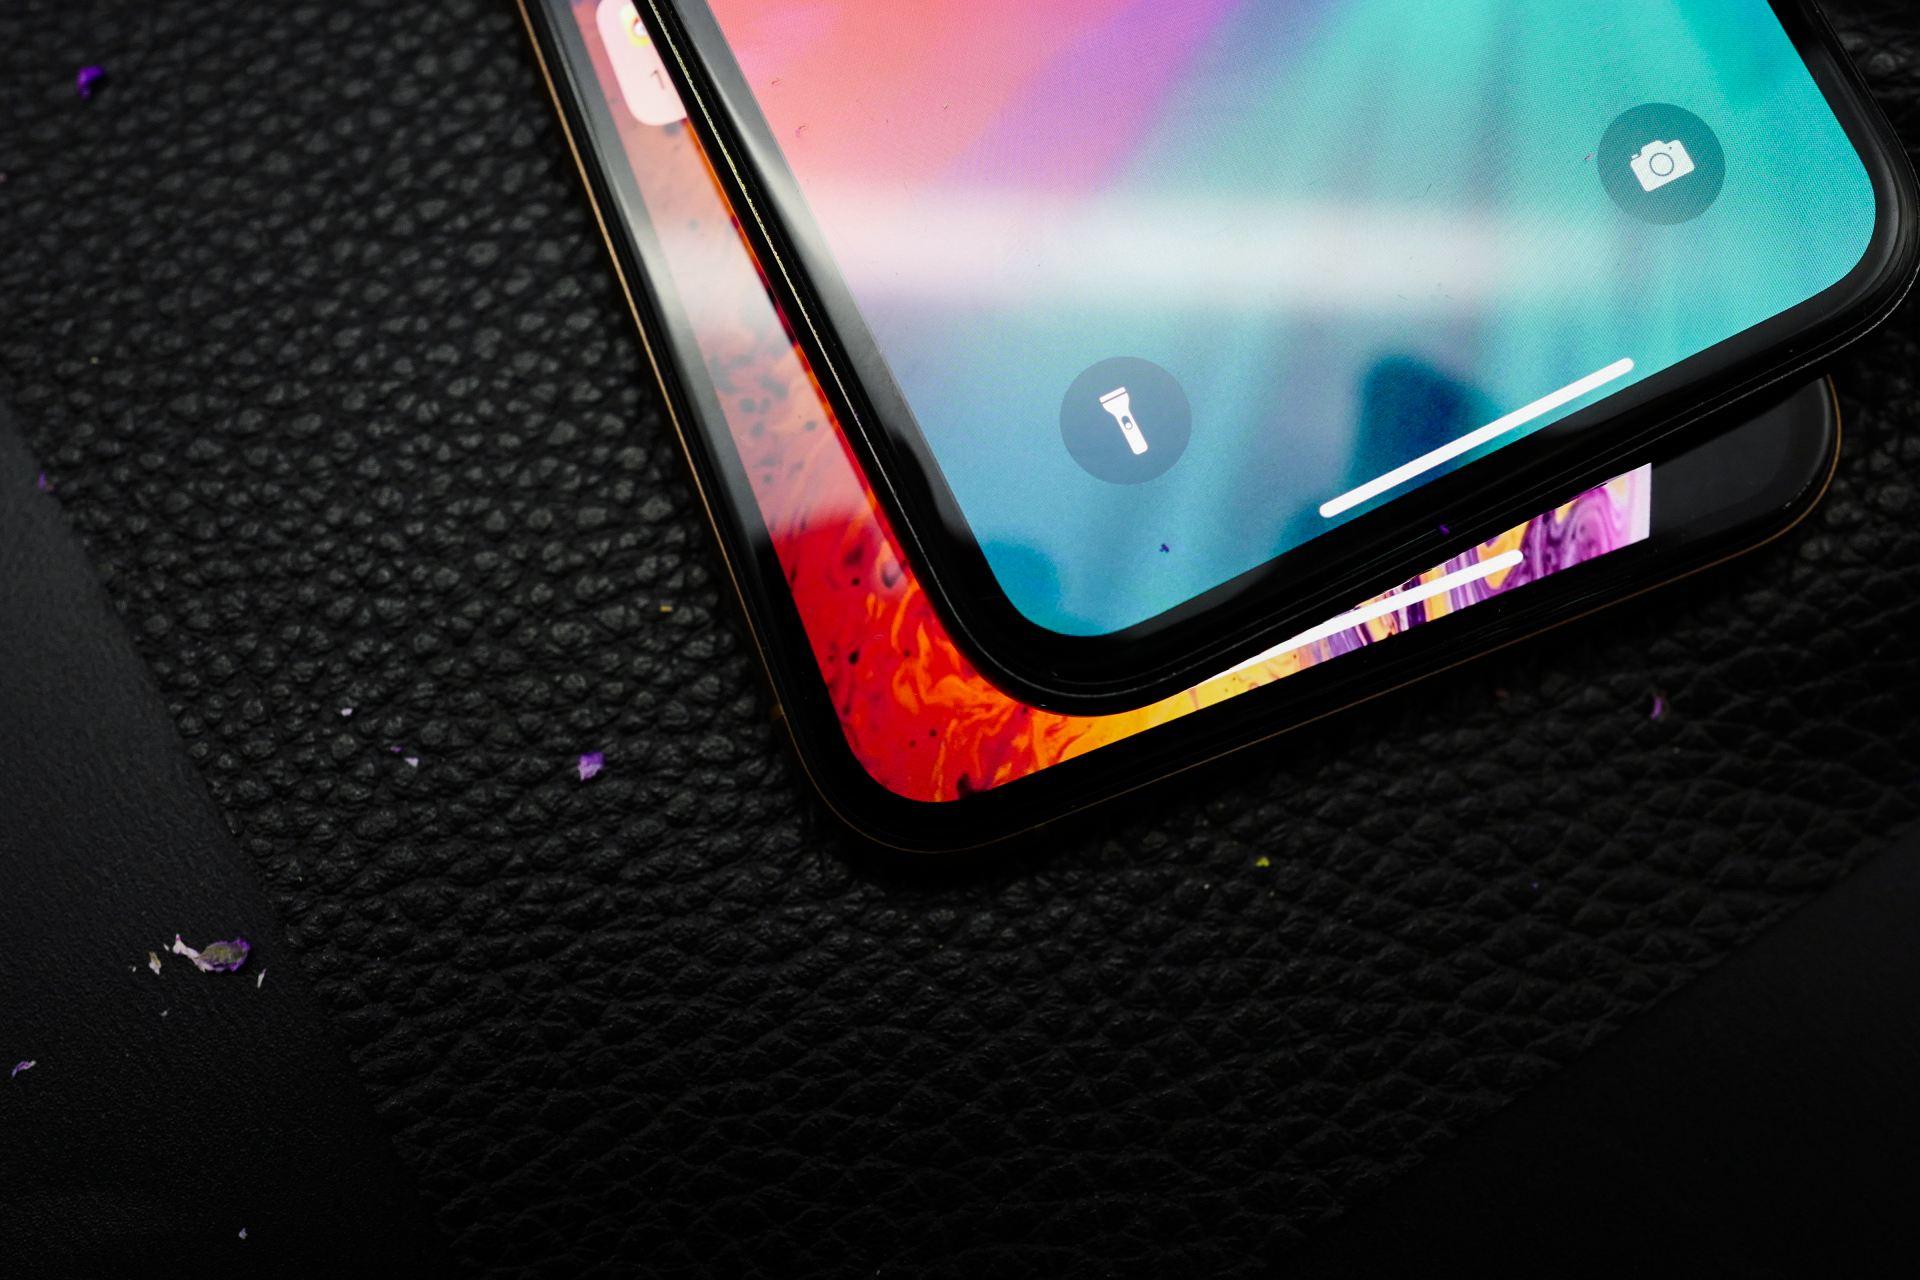 iPhone X屏幕失灵:如何申请苹果官方提供的免费换屏服务?